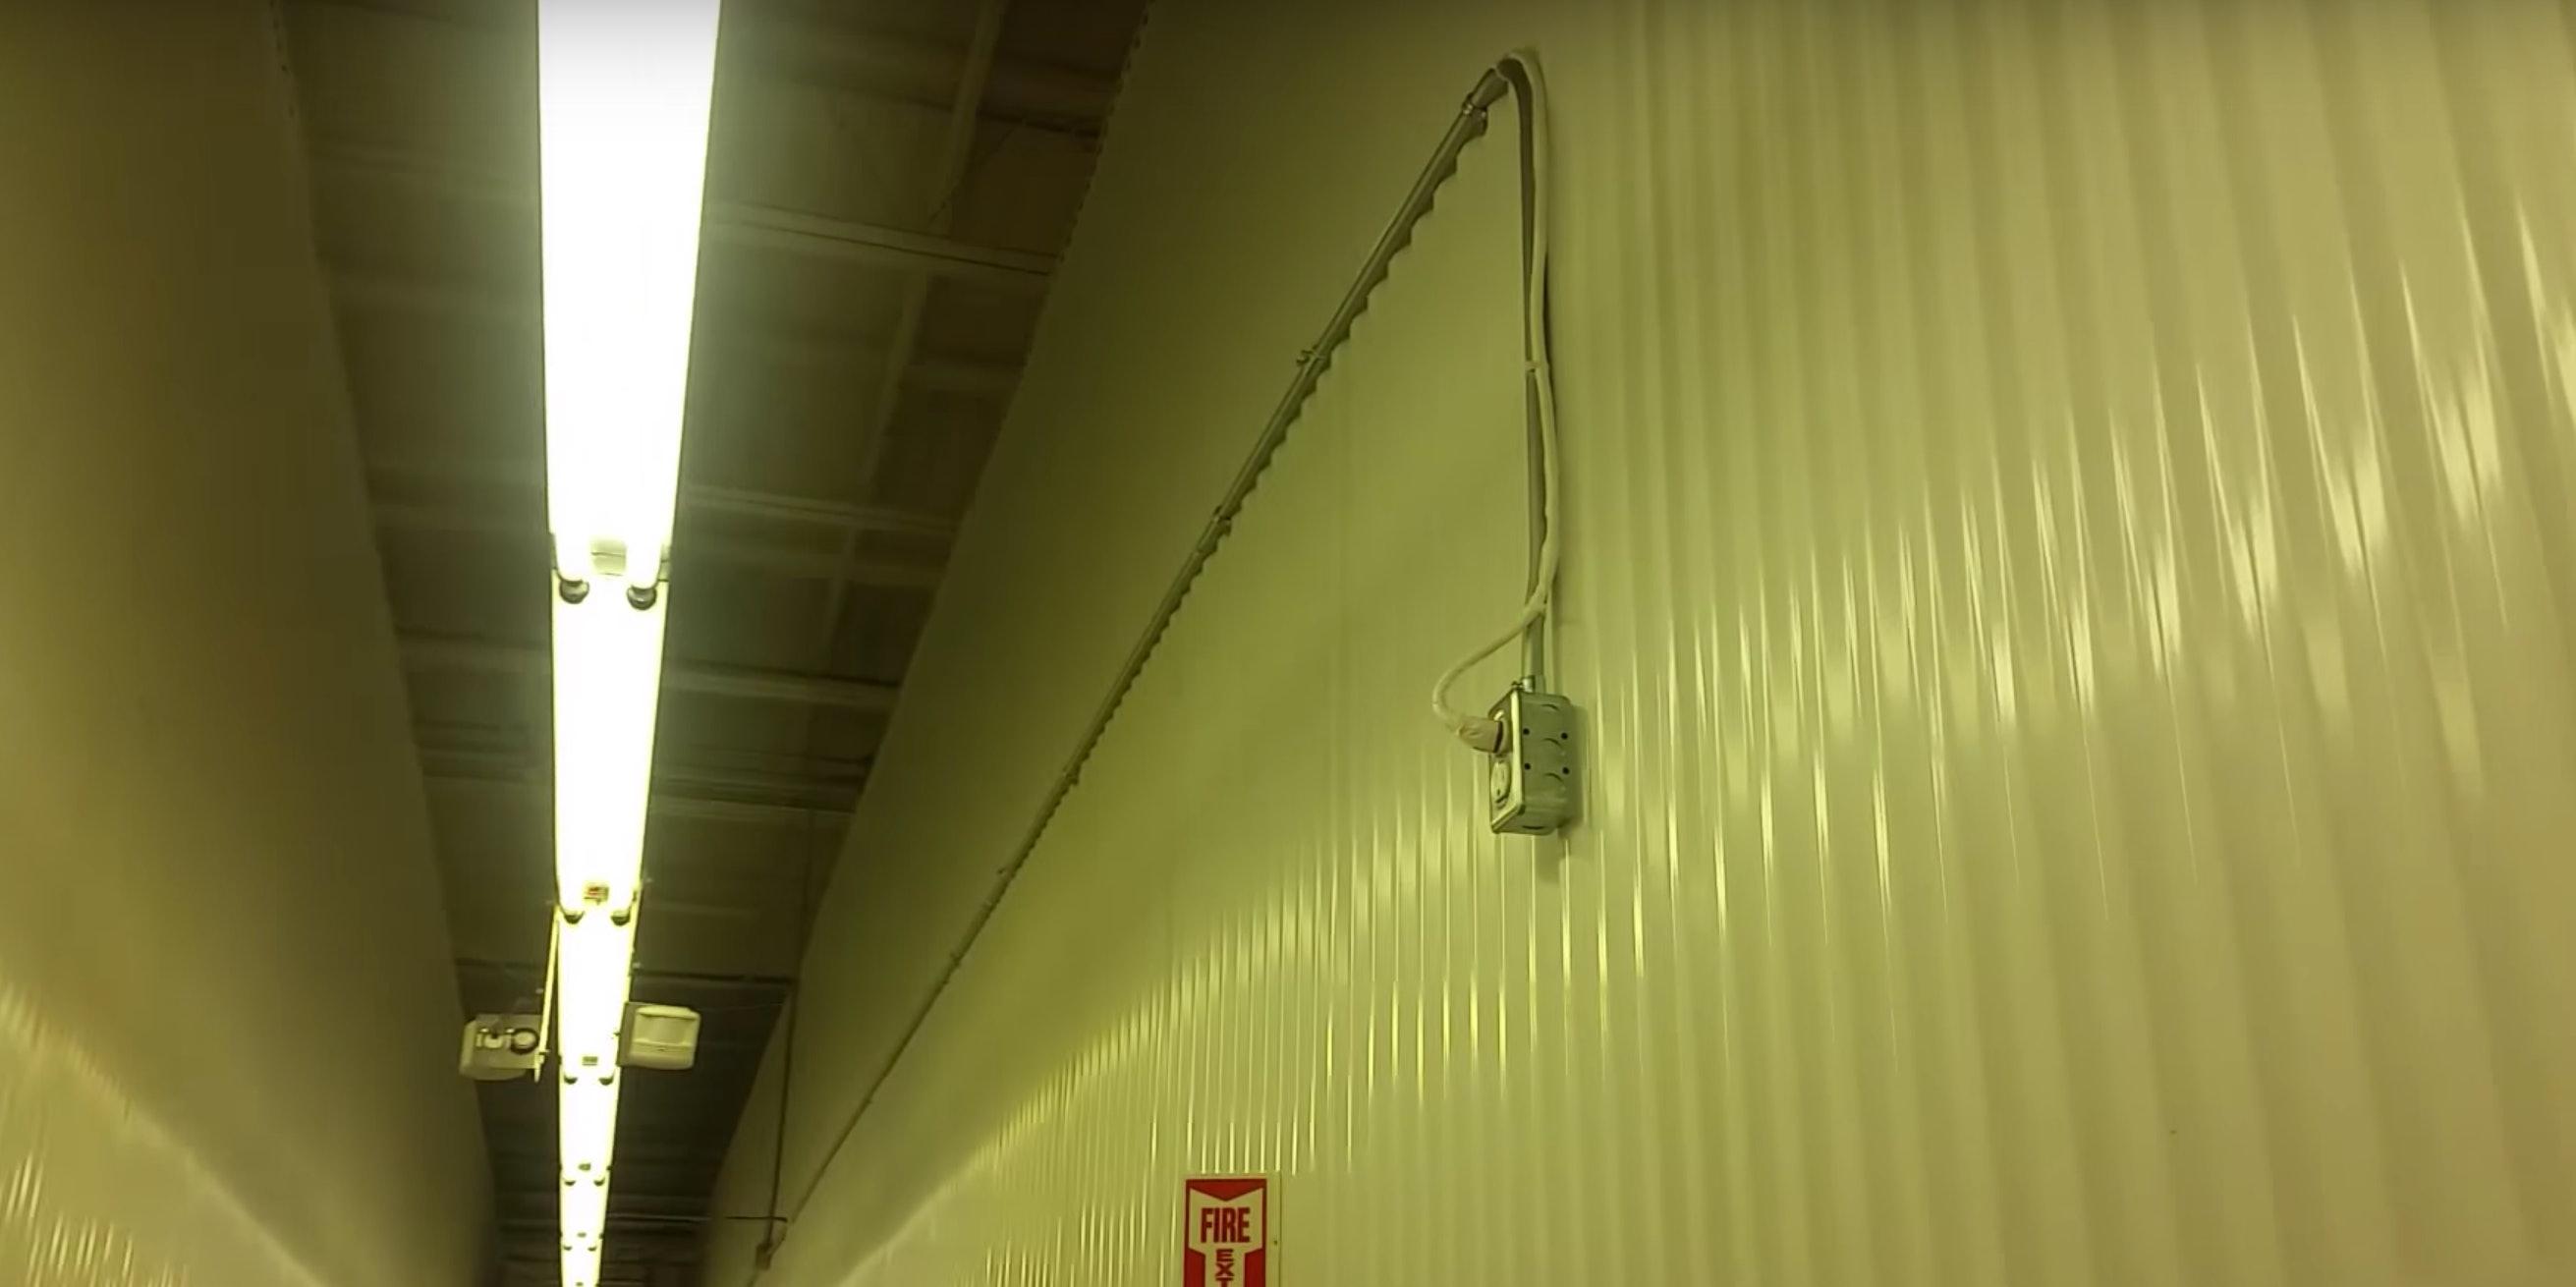 wire running down hallway of storage unit